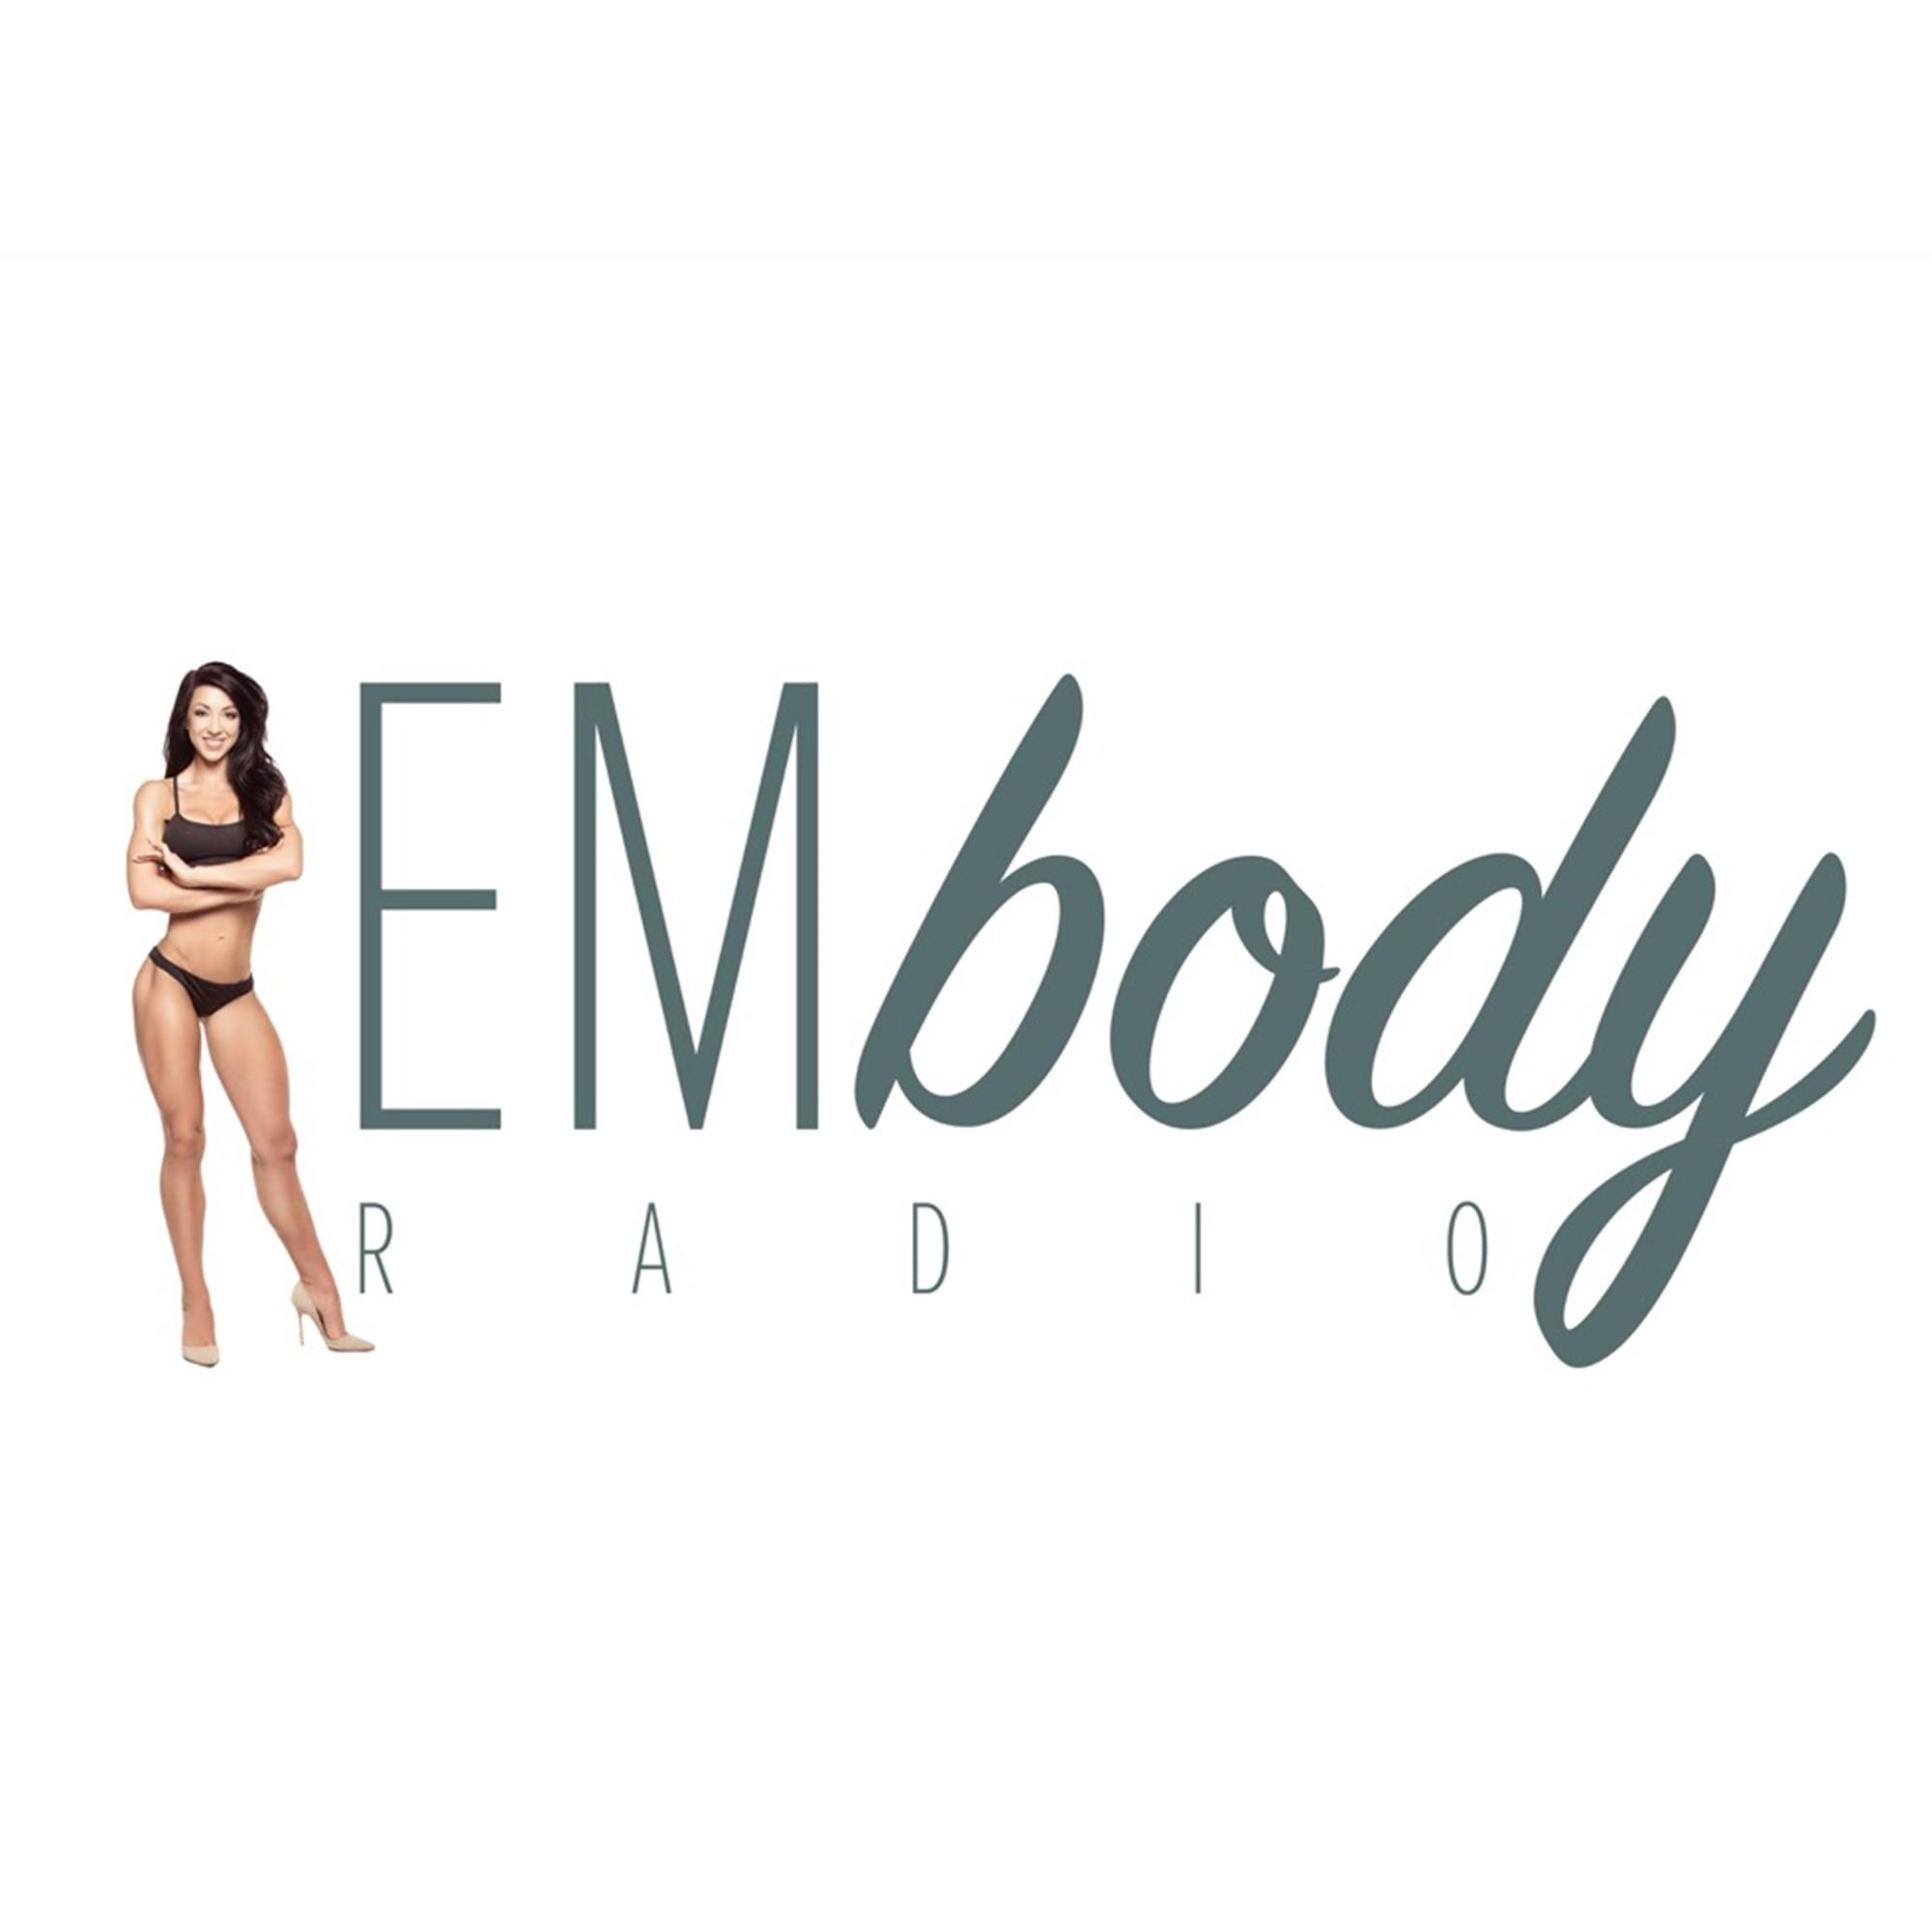 EMBody Radio show art